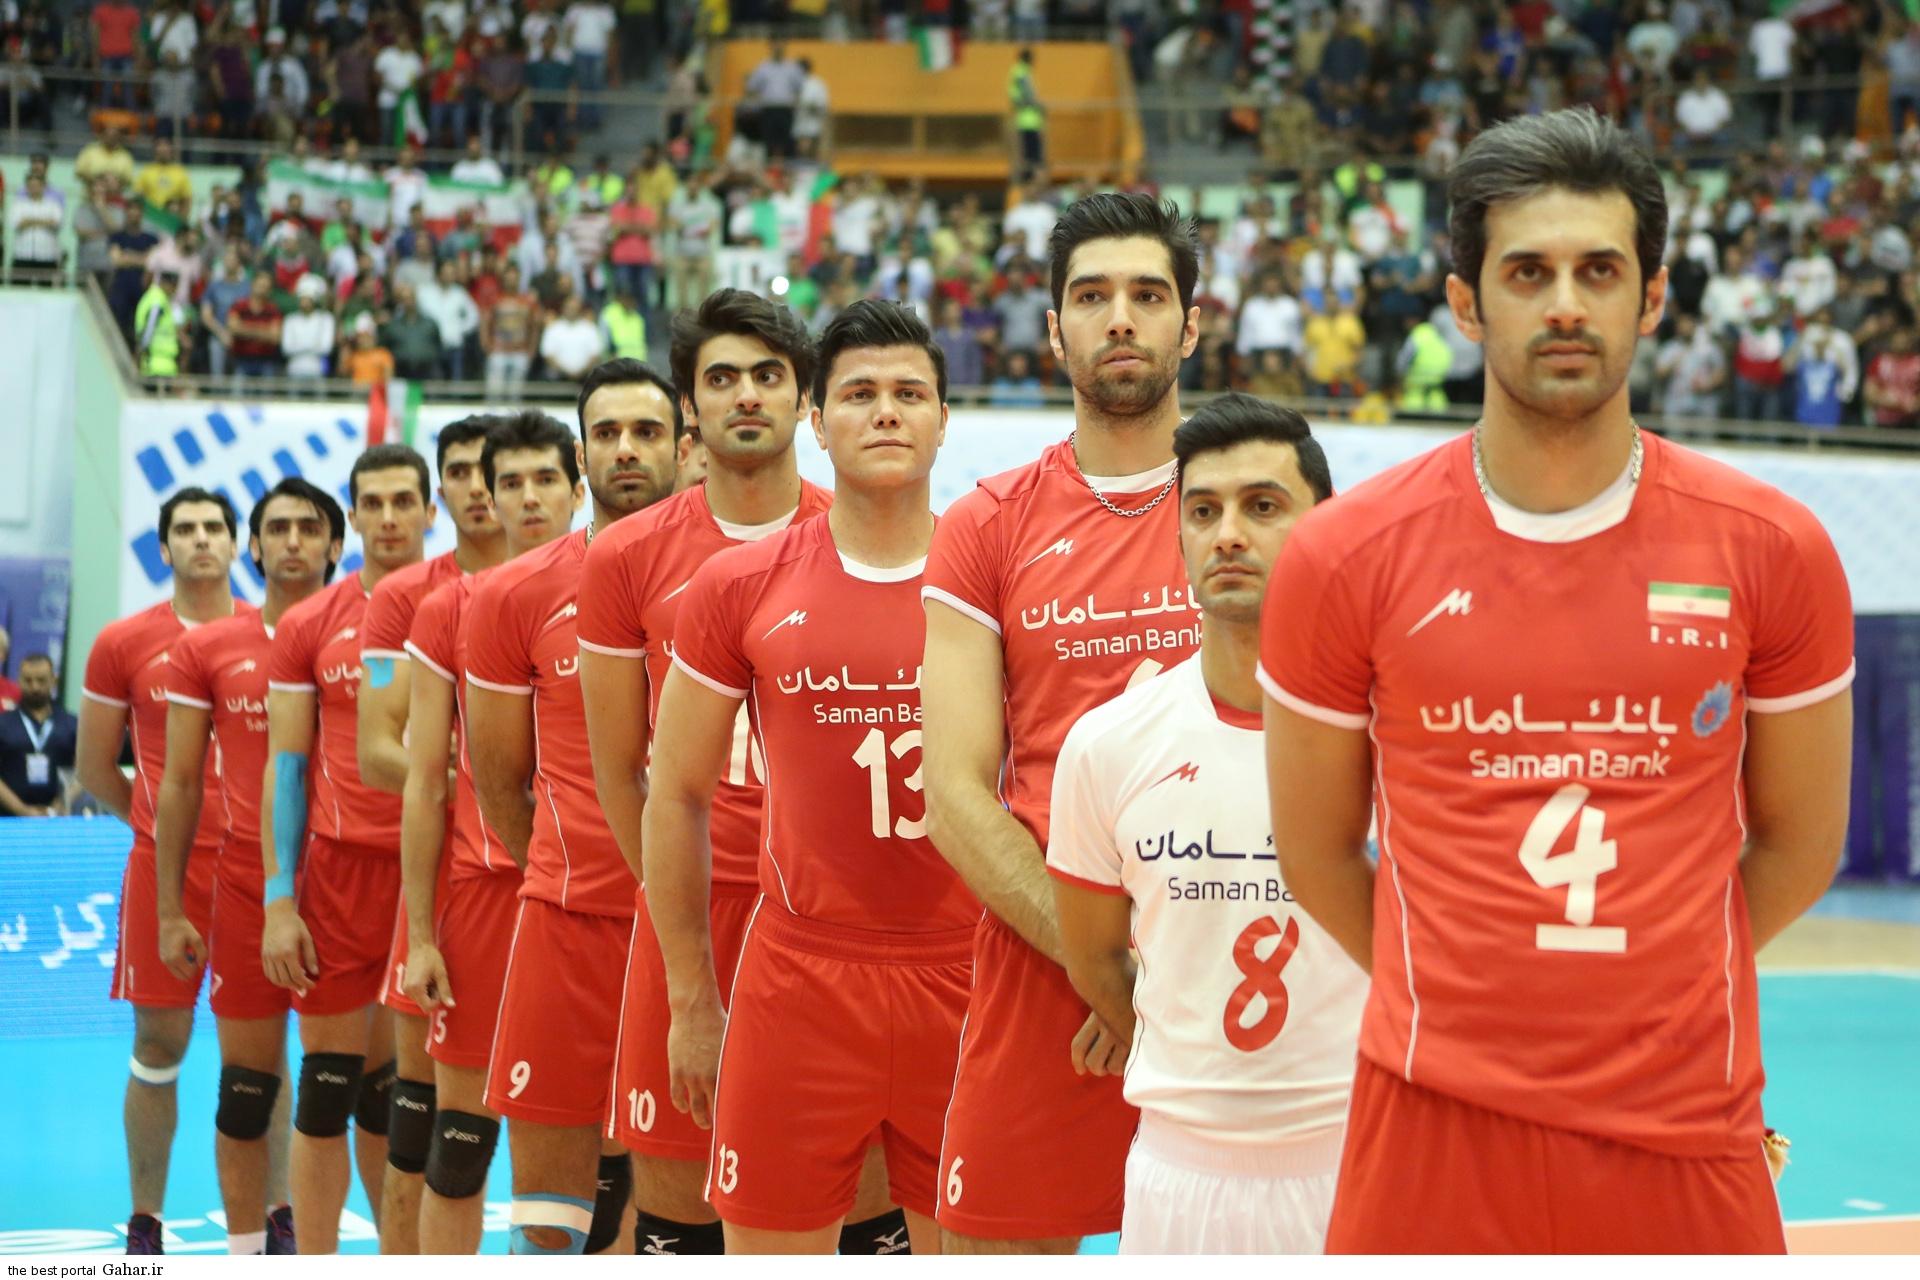 volleyball iran شکست تیم ملی والیبال ایران در برابر آمریکا